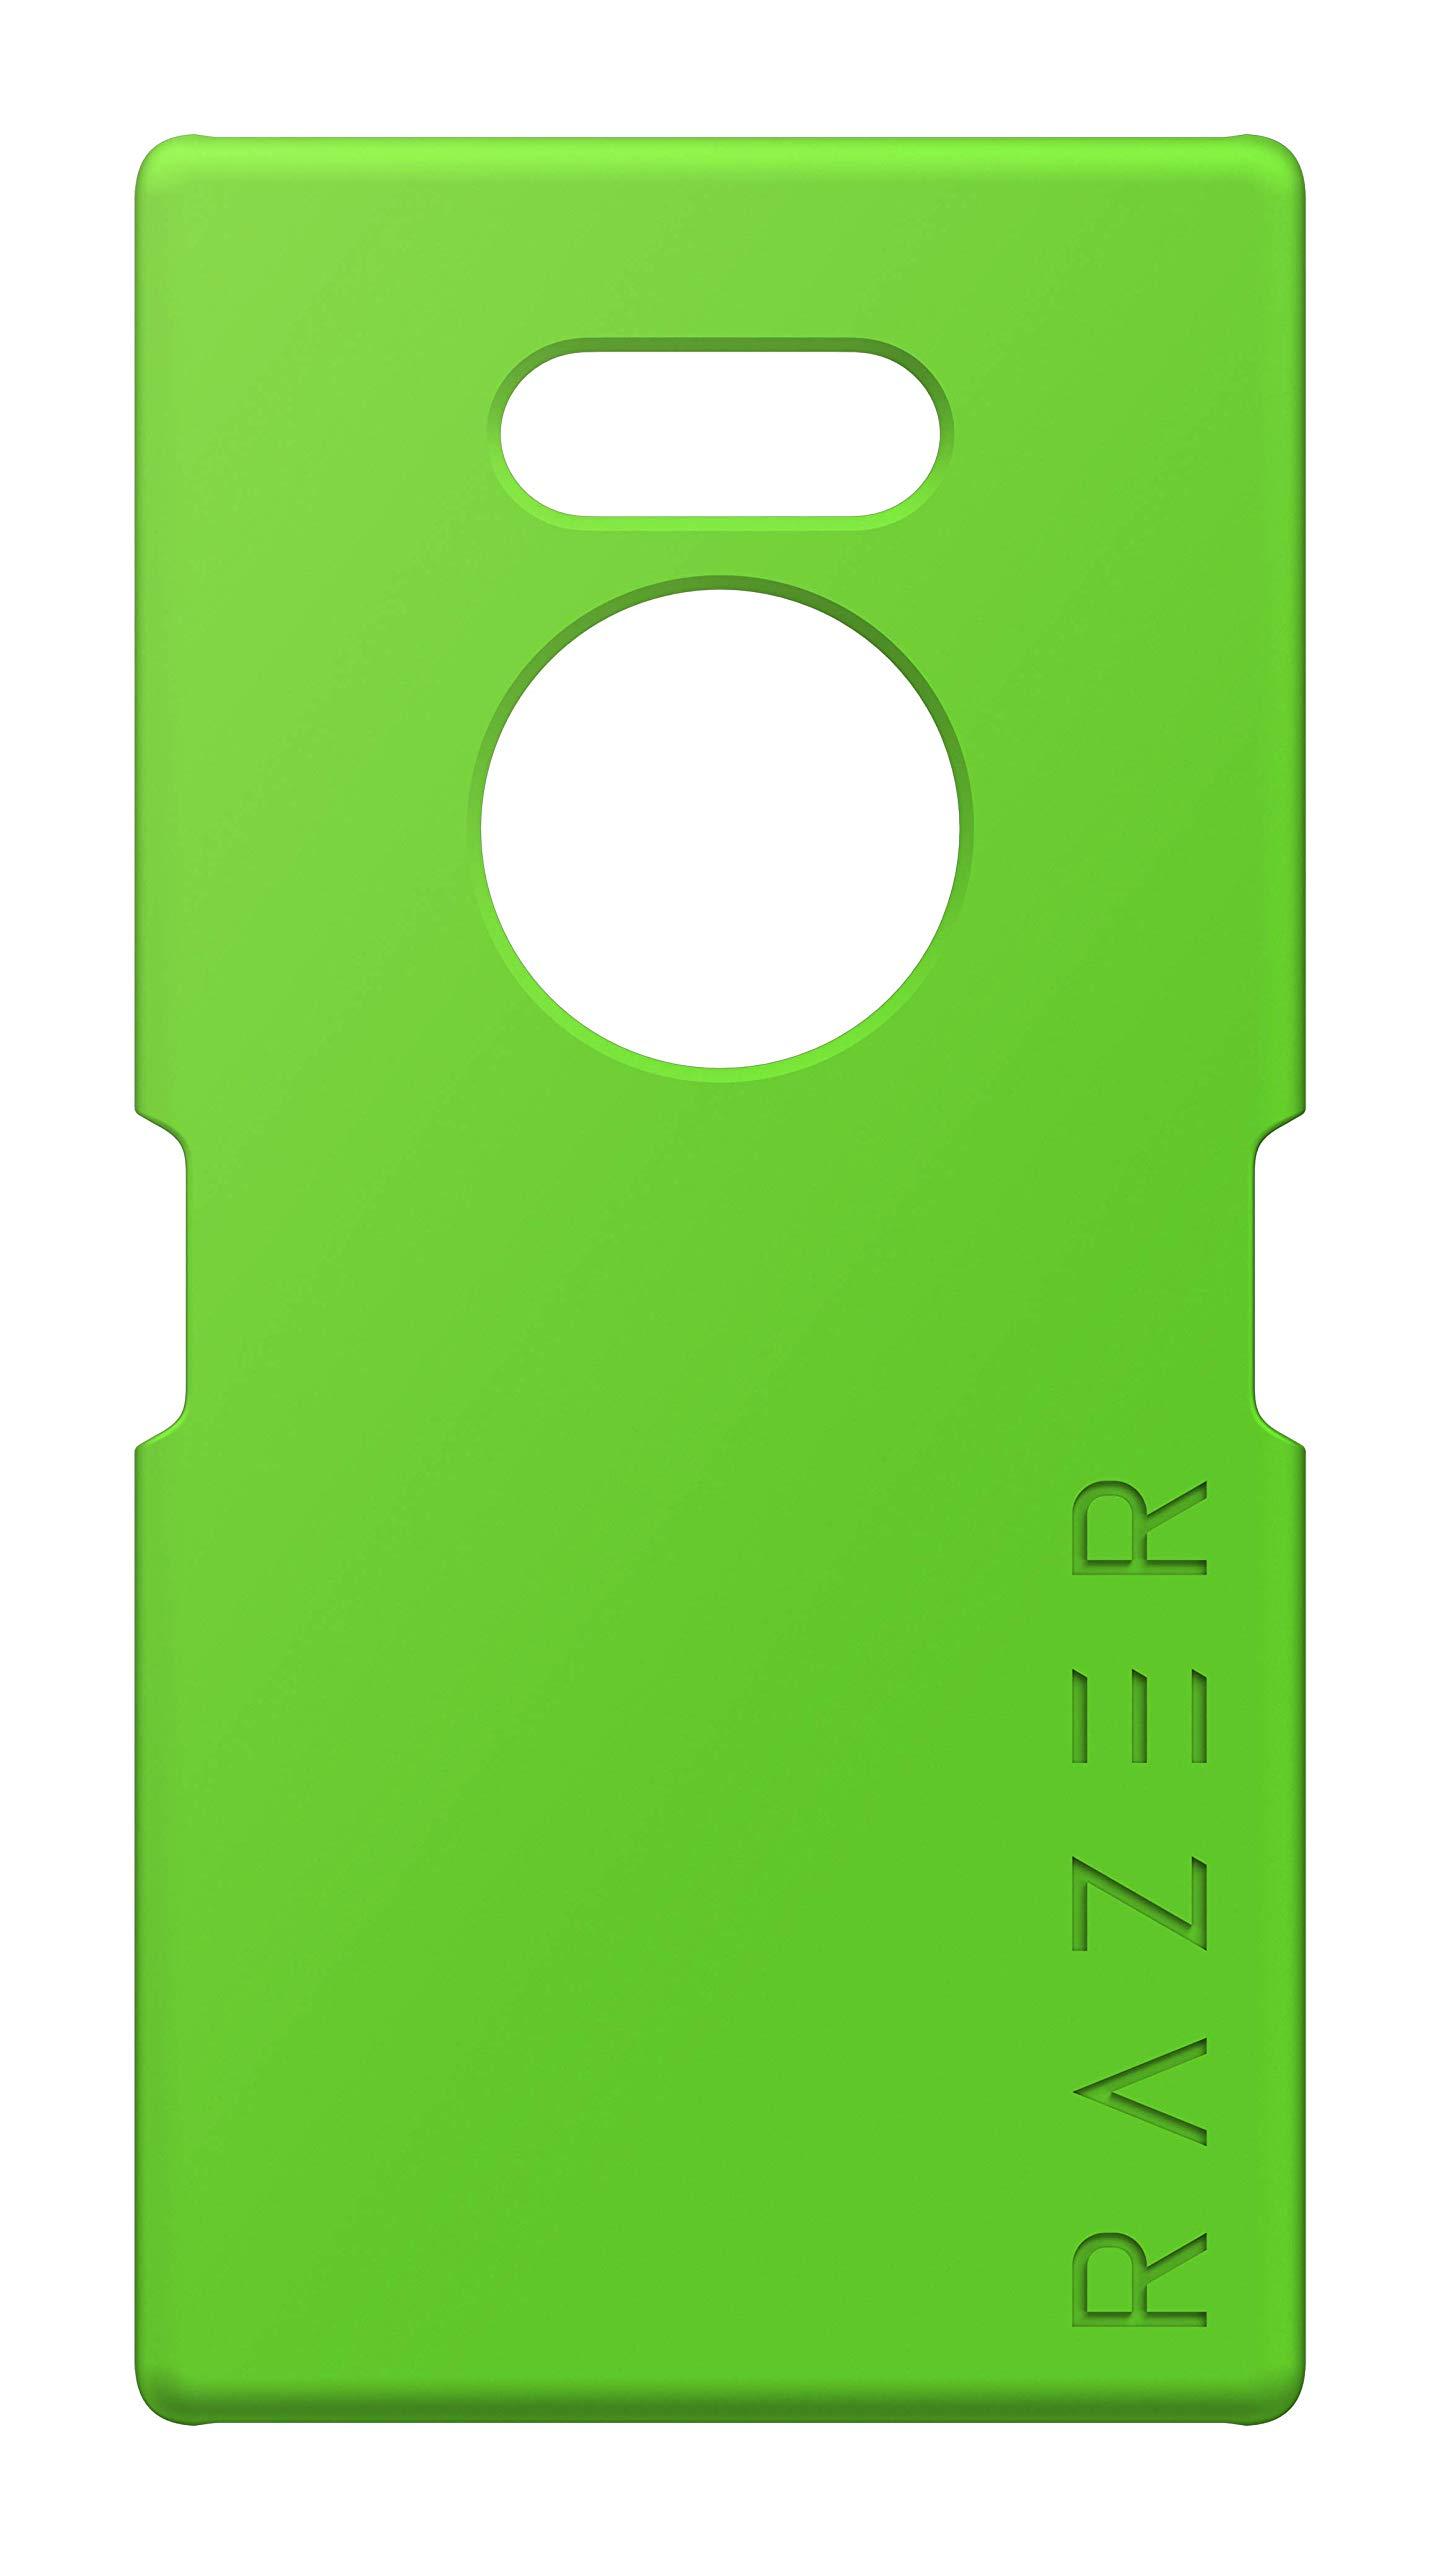 RAZER Razer Phone 2モバイルシェルソフトタッチシリコン - マイクロファイバーライニングRazerロゴグリーン